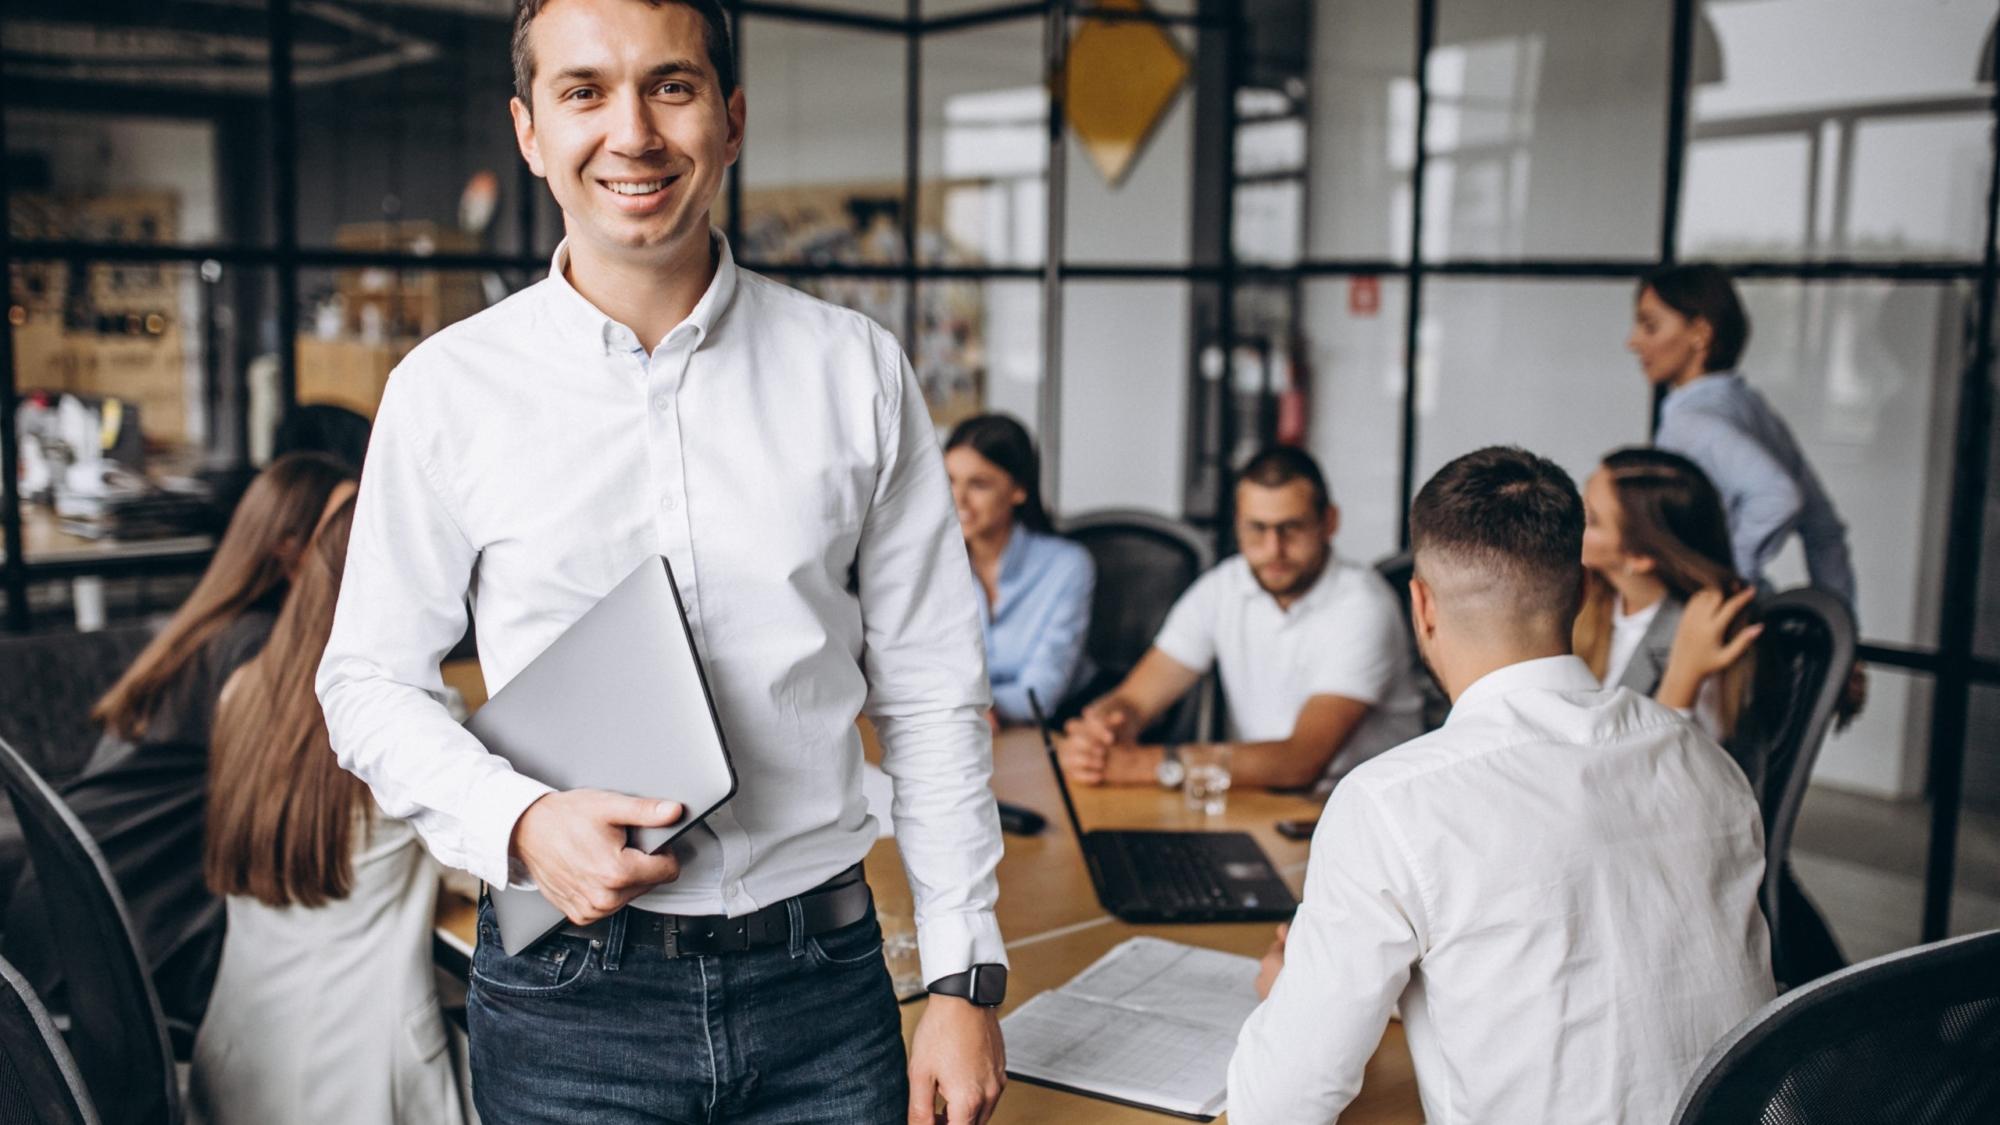 No te olvides de que tus empleados son tu recurso más valioso y juegan un papel fundamental en el cumplimiento de la normativa en protección de datos